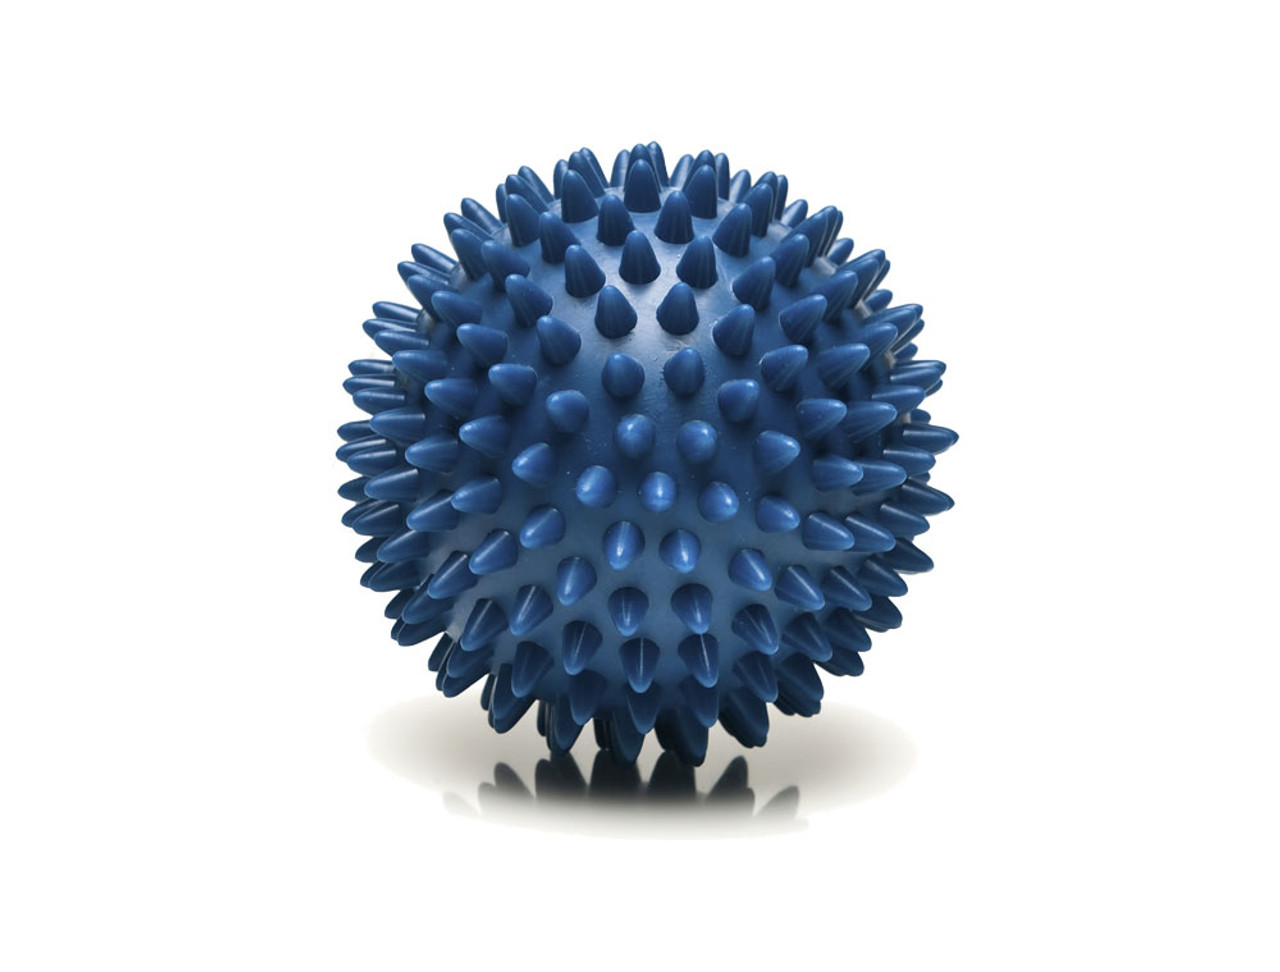 Shiatsu Spiky Massage Ball